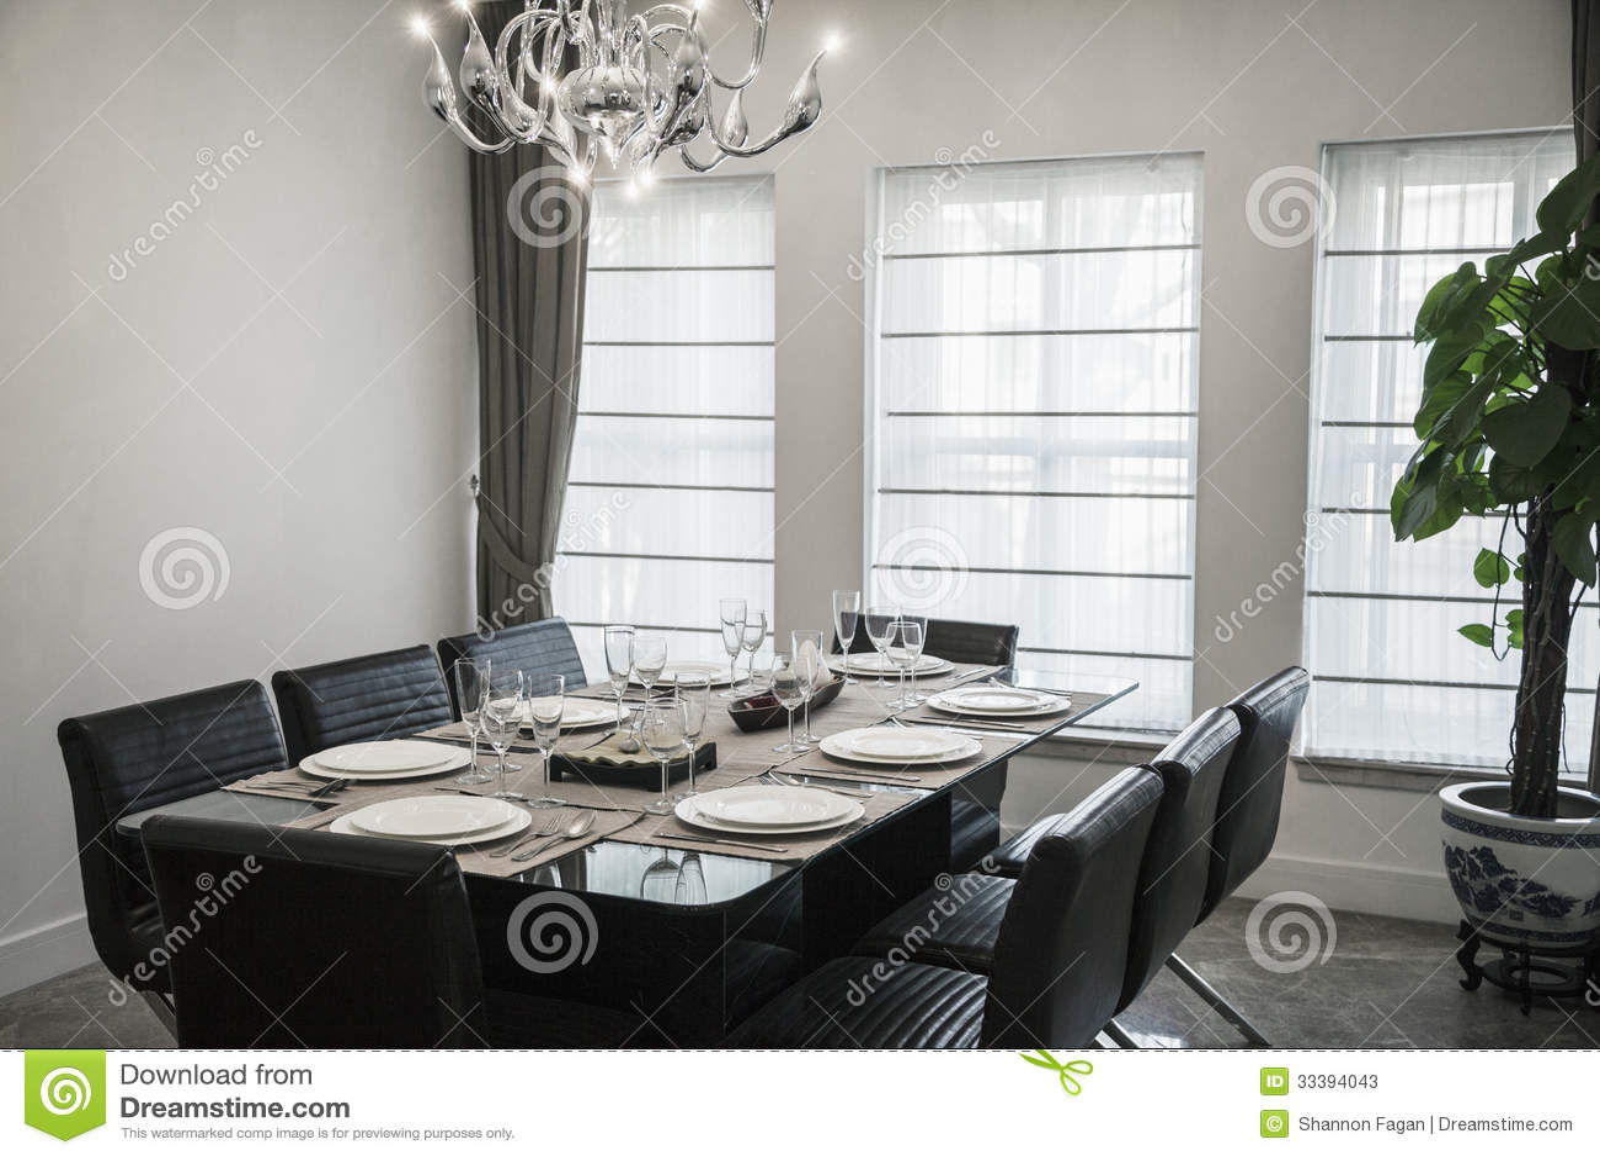 Salle manger avec les meubles et le lustre modernes for Salle a manger tunisie avec prix